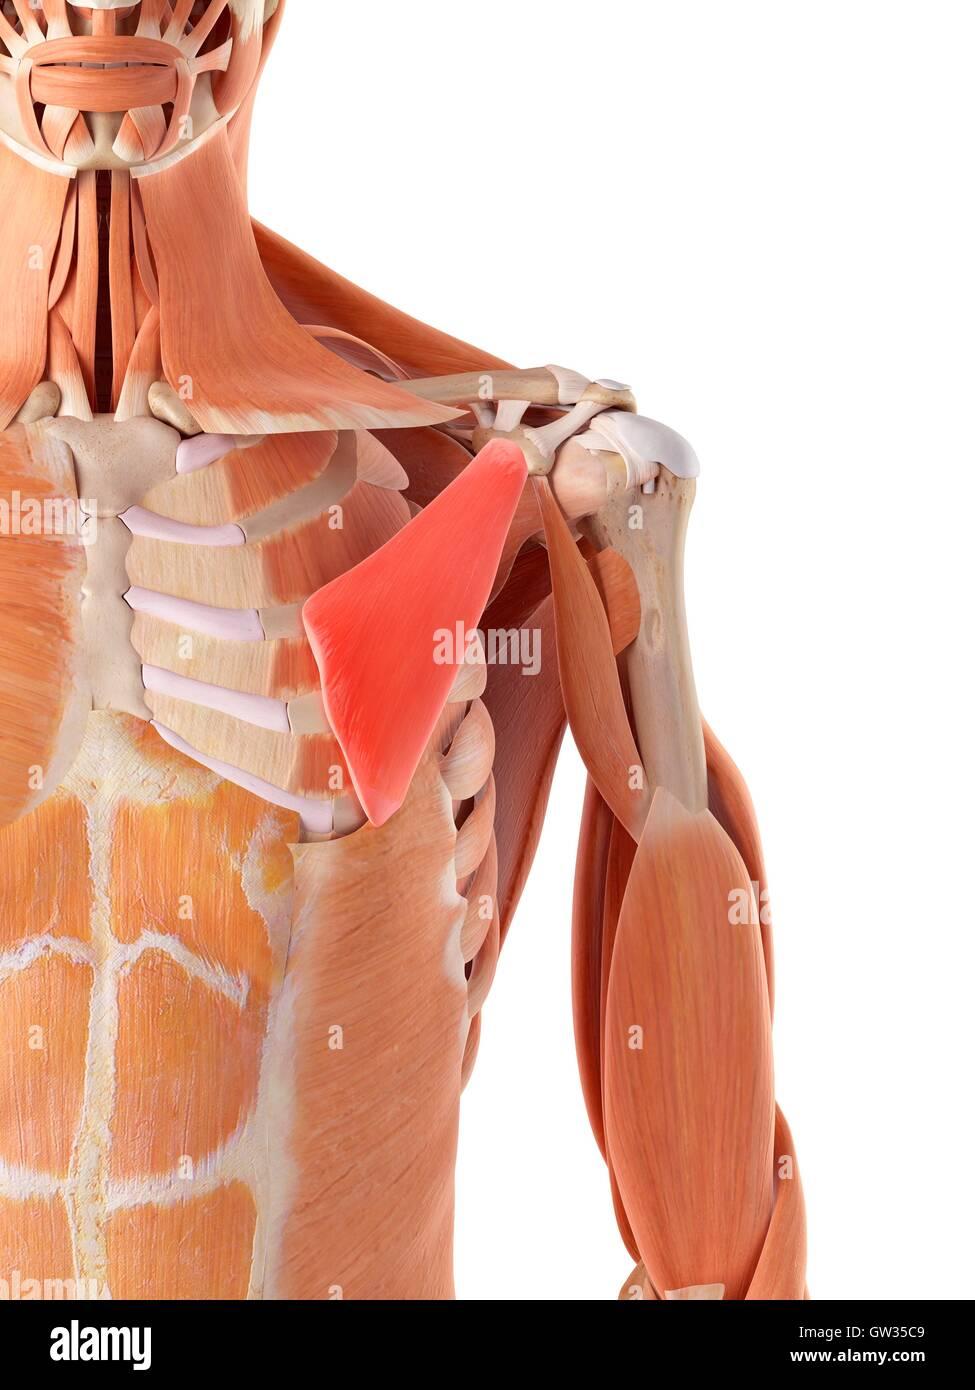 Pectoralis Minor Muscle Stock Photos Pectoralis Minor Muscle Stock